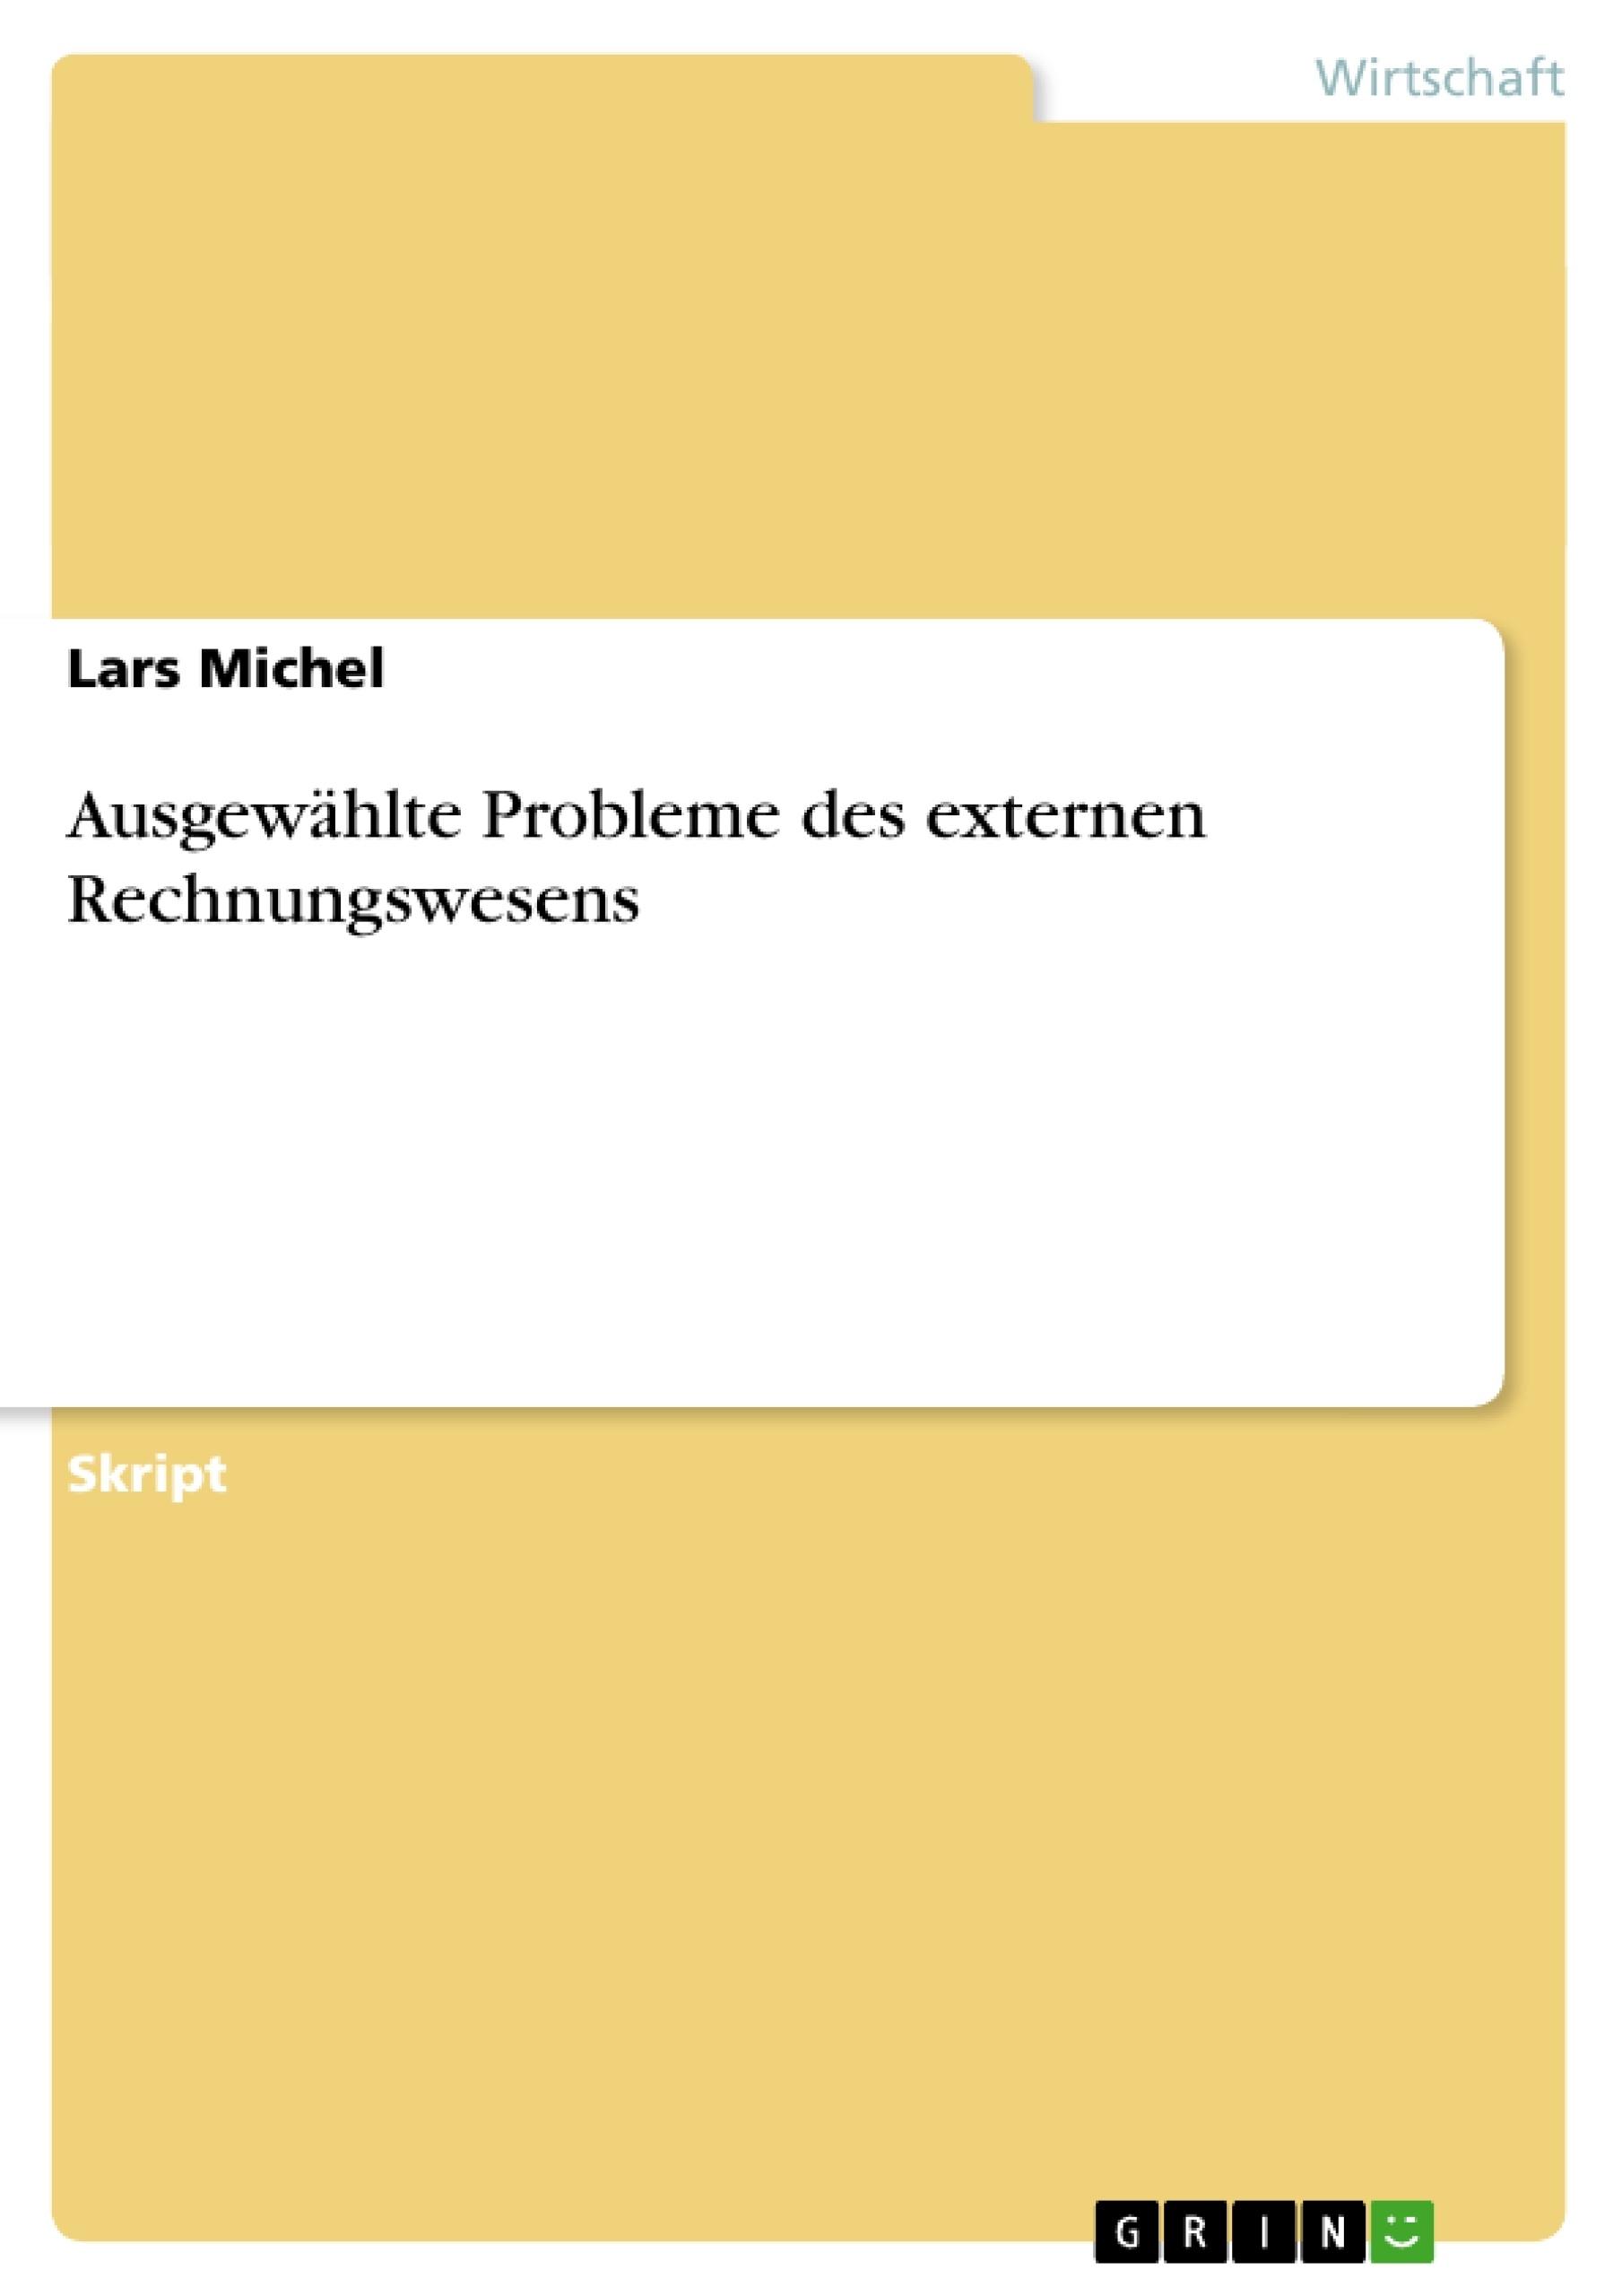 Ausgewählte Probleme des externen Rechnungswesens | Masterarbeit ...